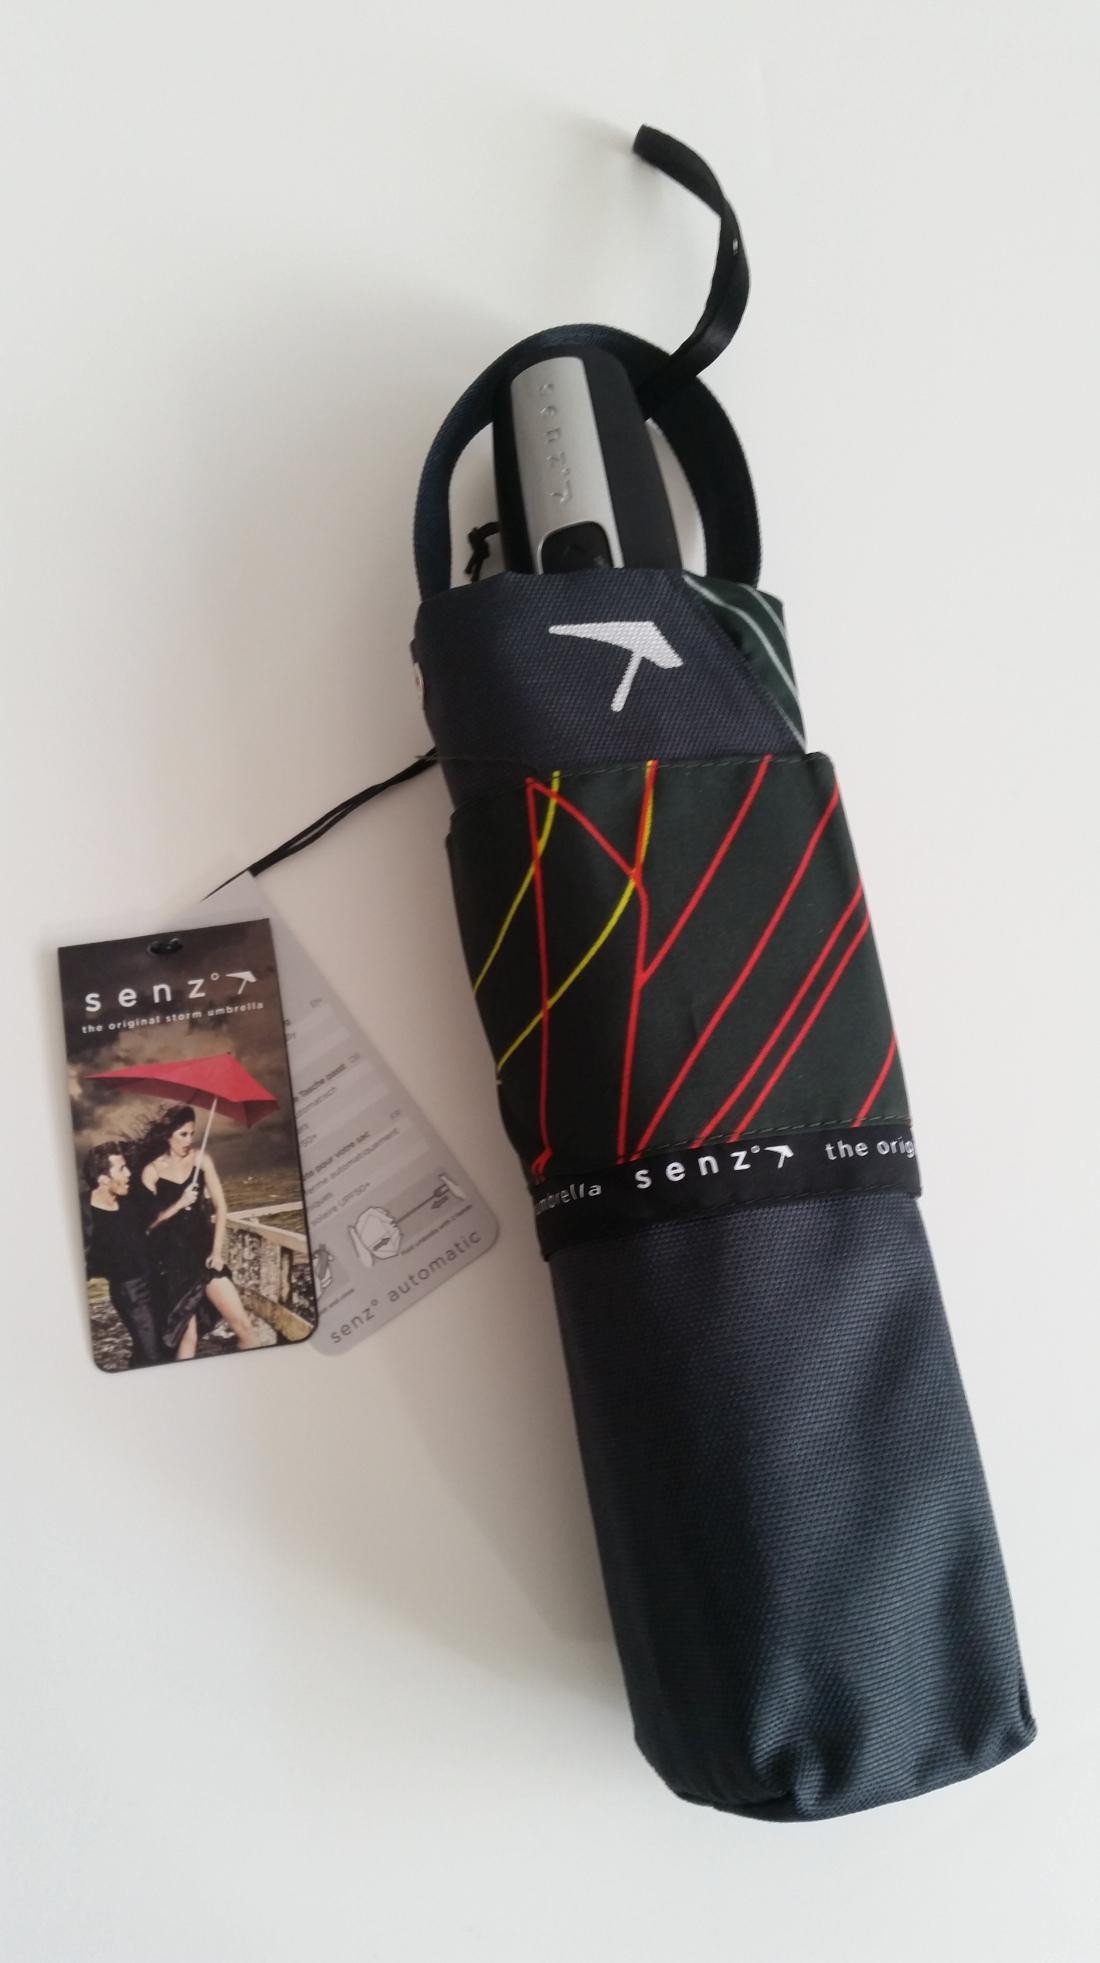 69615604792e Senz Storm Proof Umbrella – designs curated